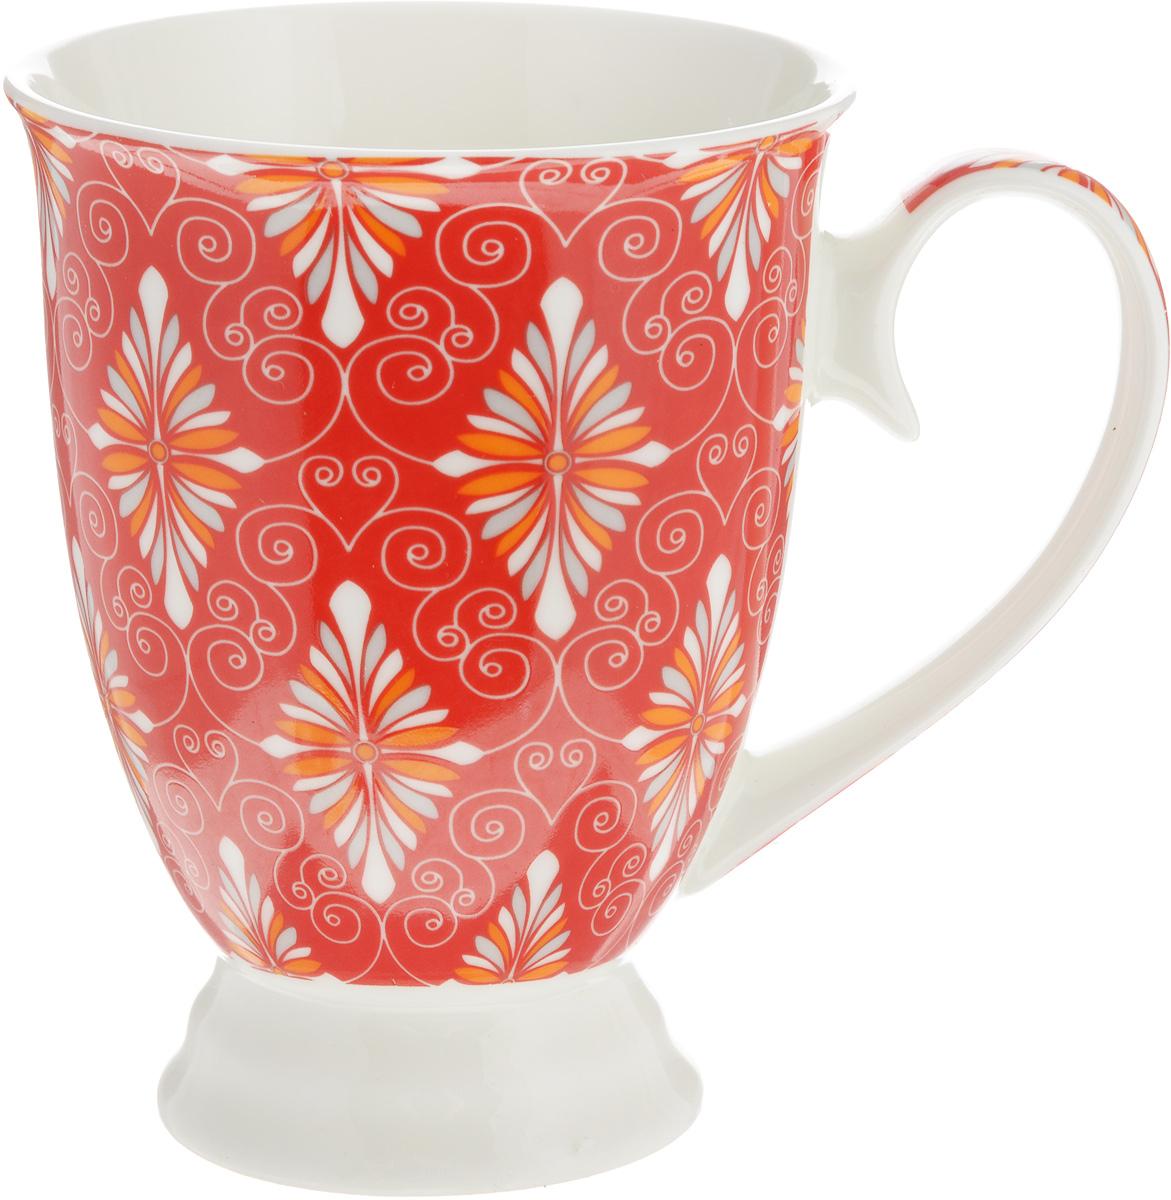 Кружка Lillo Цветочно-ягодный микс, цвет: красный, 250 млVT-1520(SR)Кружка Lillo Цветочно-ягодный микс выполнена из высококачественной керамики с глазурованным покрытием. С внешней стороны изделие декорировано красочным рисунком. Такая кружка станет приятным подарком и согреет вас холодными вечерами. Диаметр (по верхнему краю): 8 см.Высота кружки: 10,5 см.